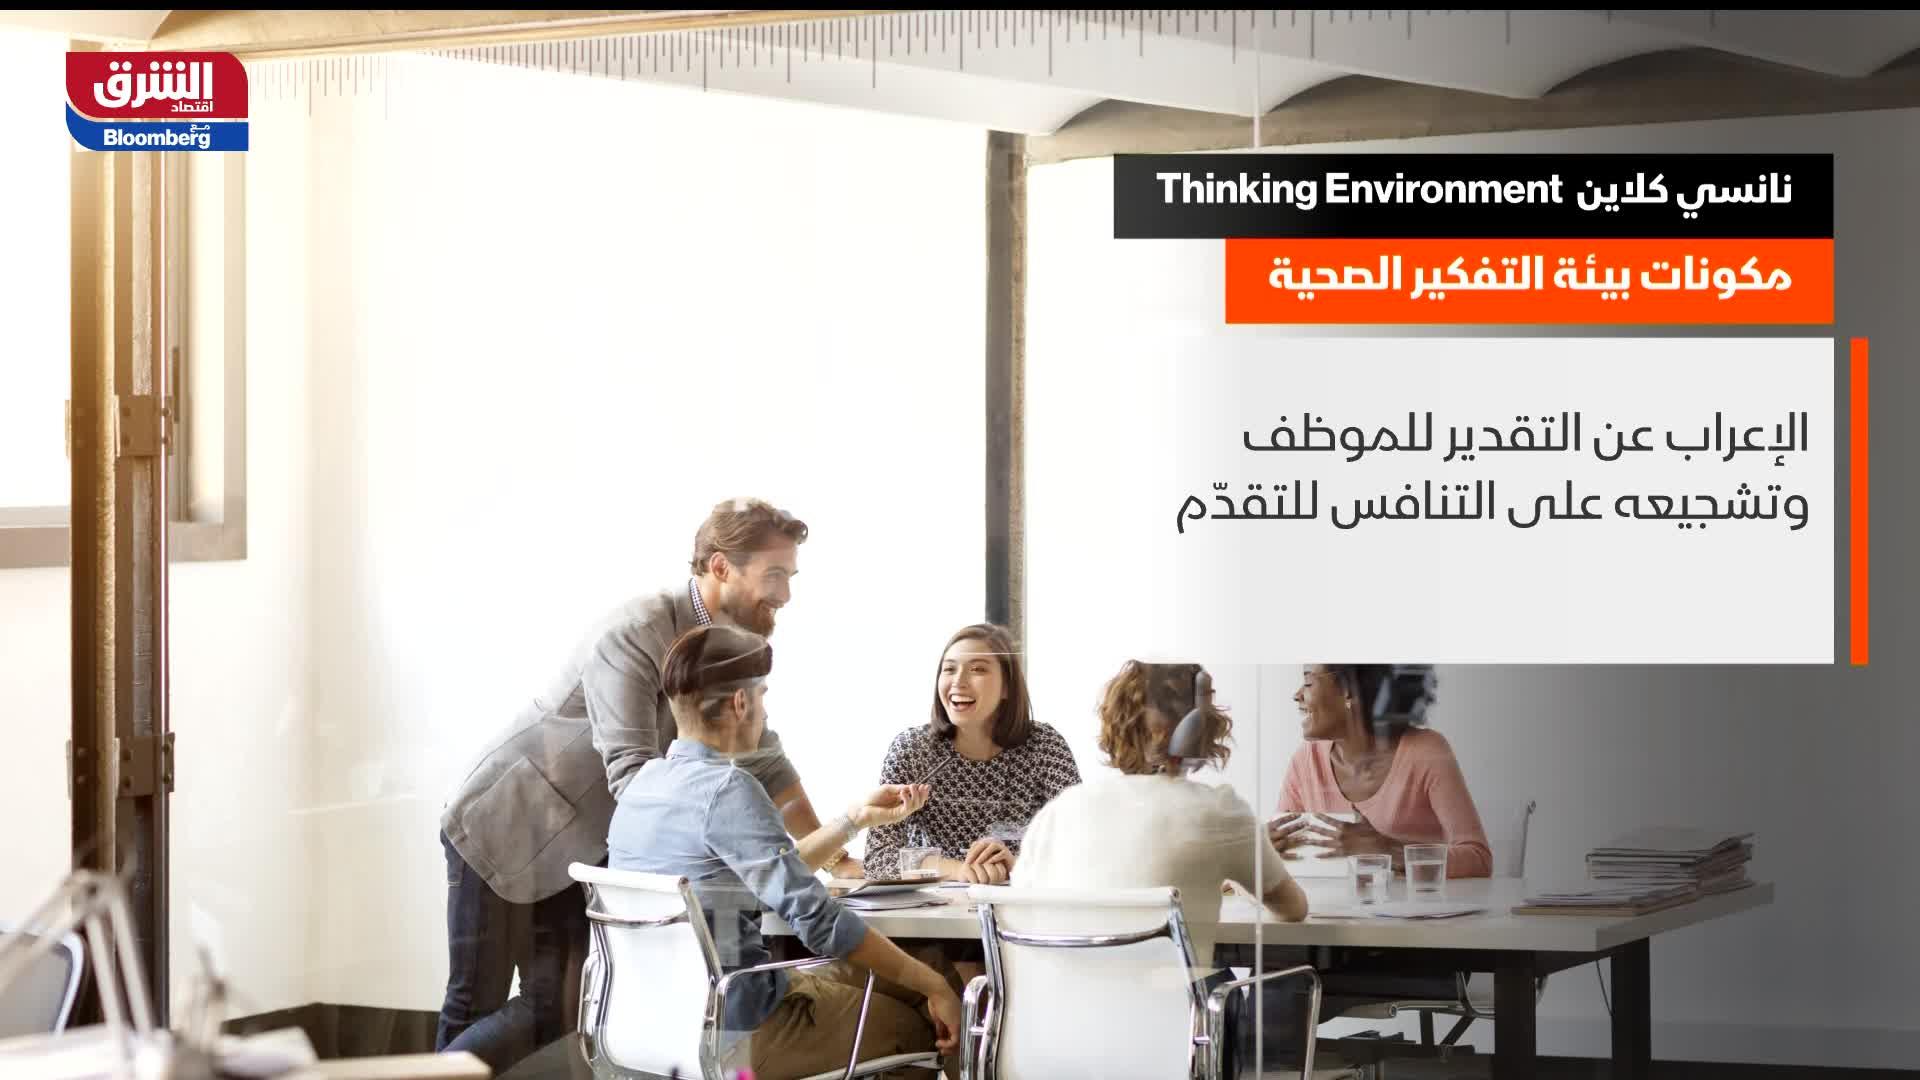 نانسي كلاين THinking Environment.. مكونات بيئة التفكير الصحية